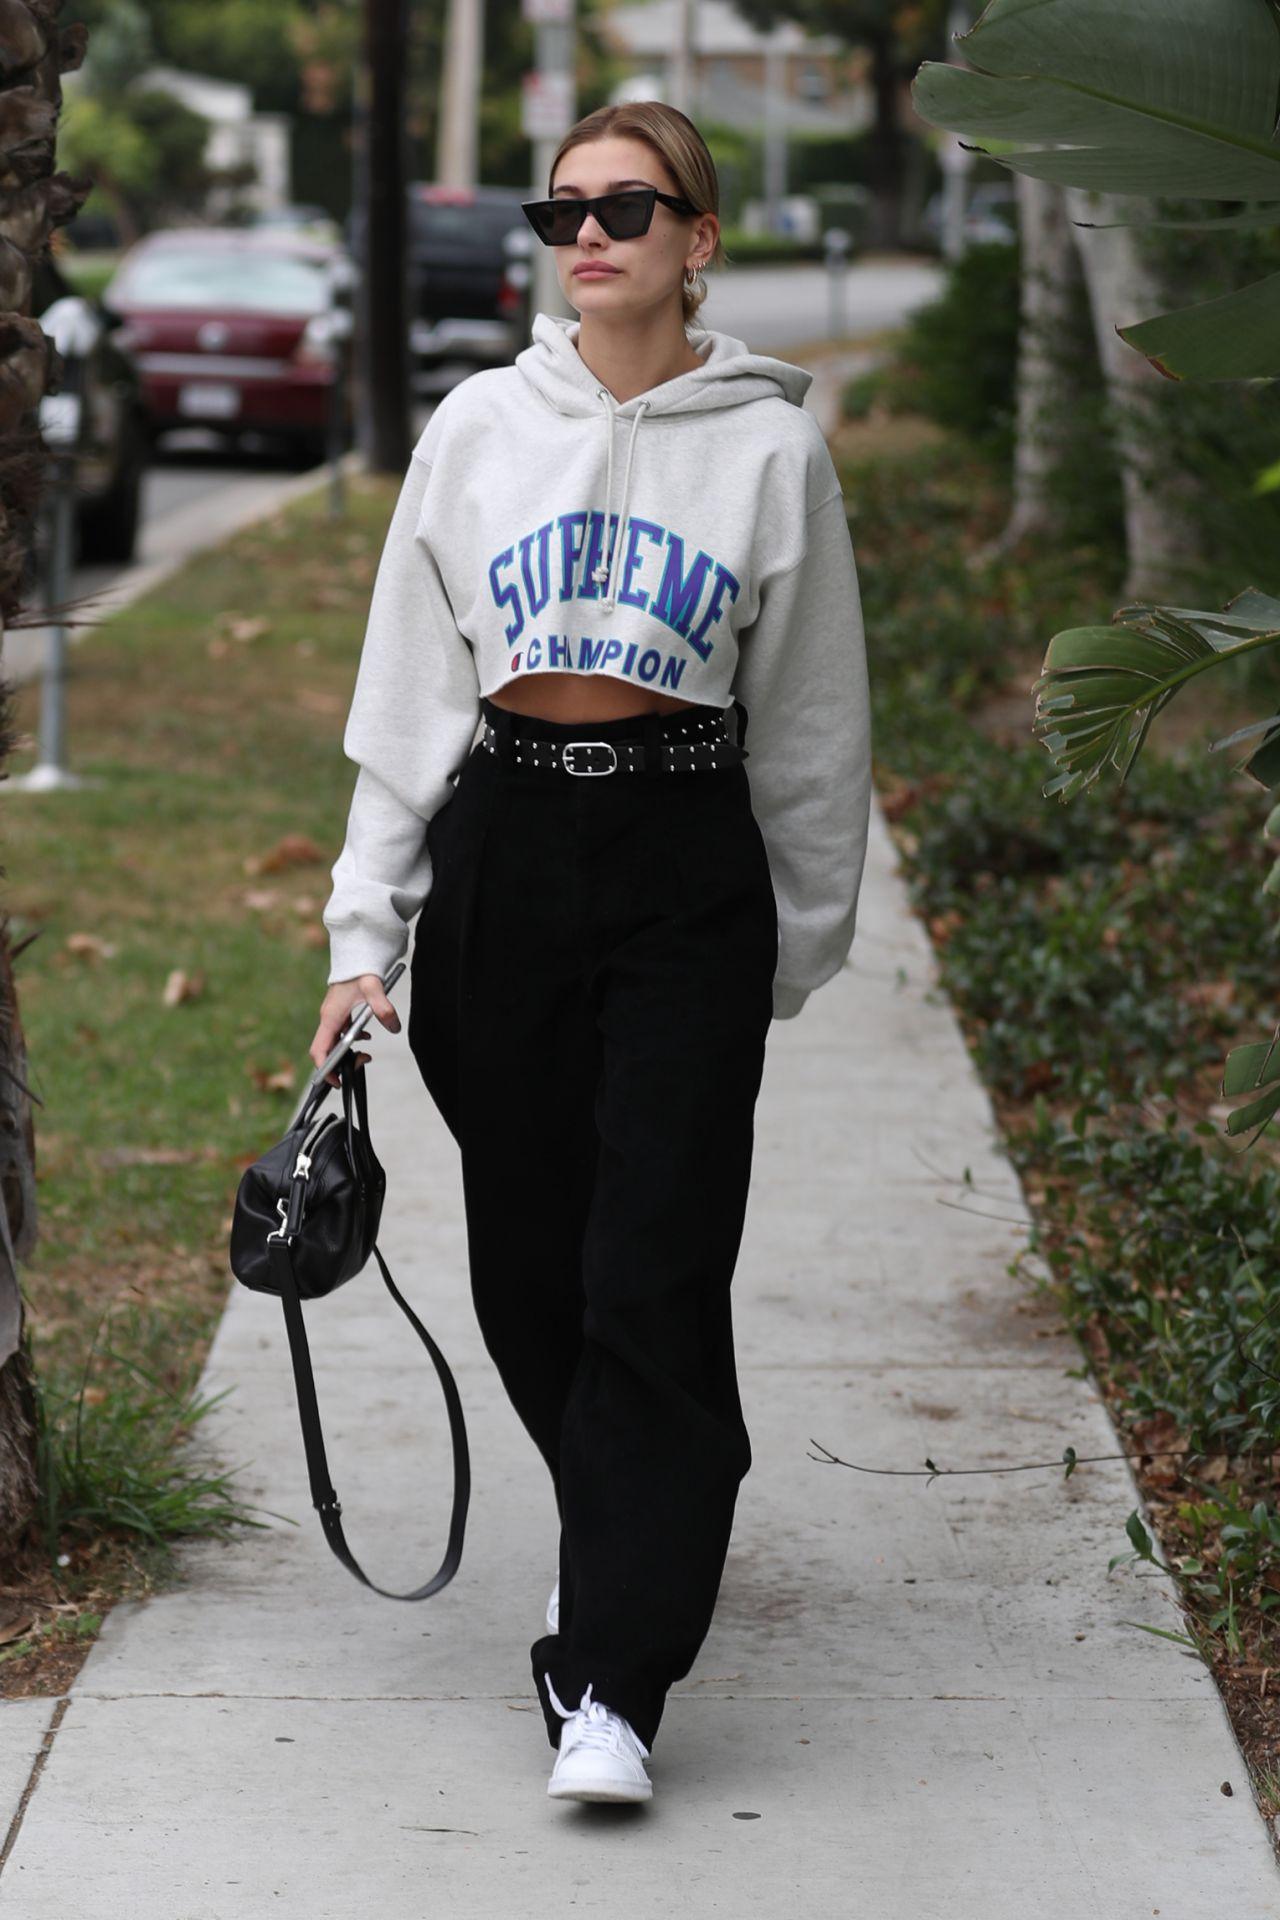 Hailey Baldwin Street Style - West Hollywood, CA 10/30/2017